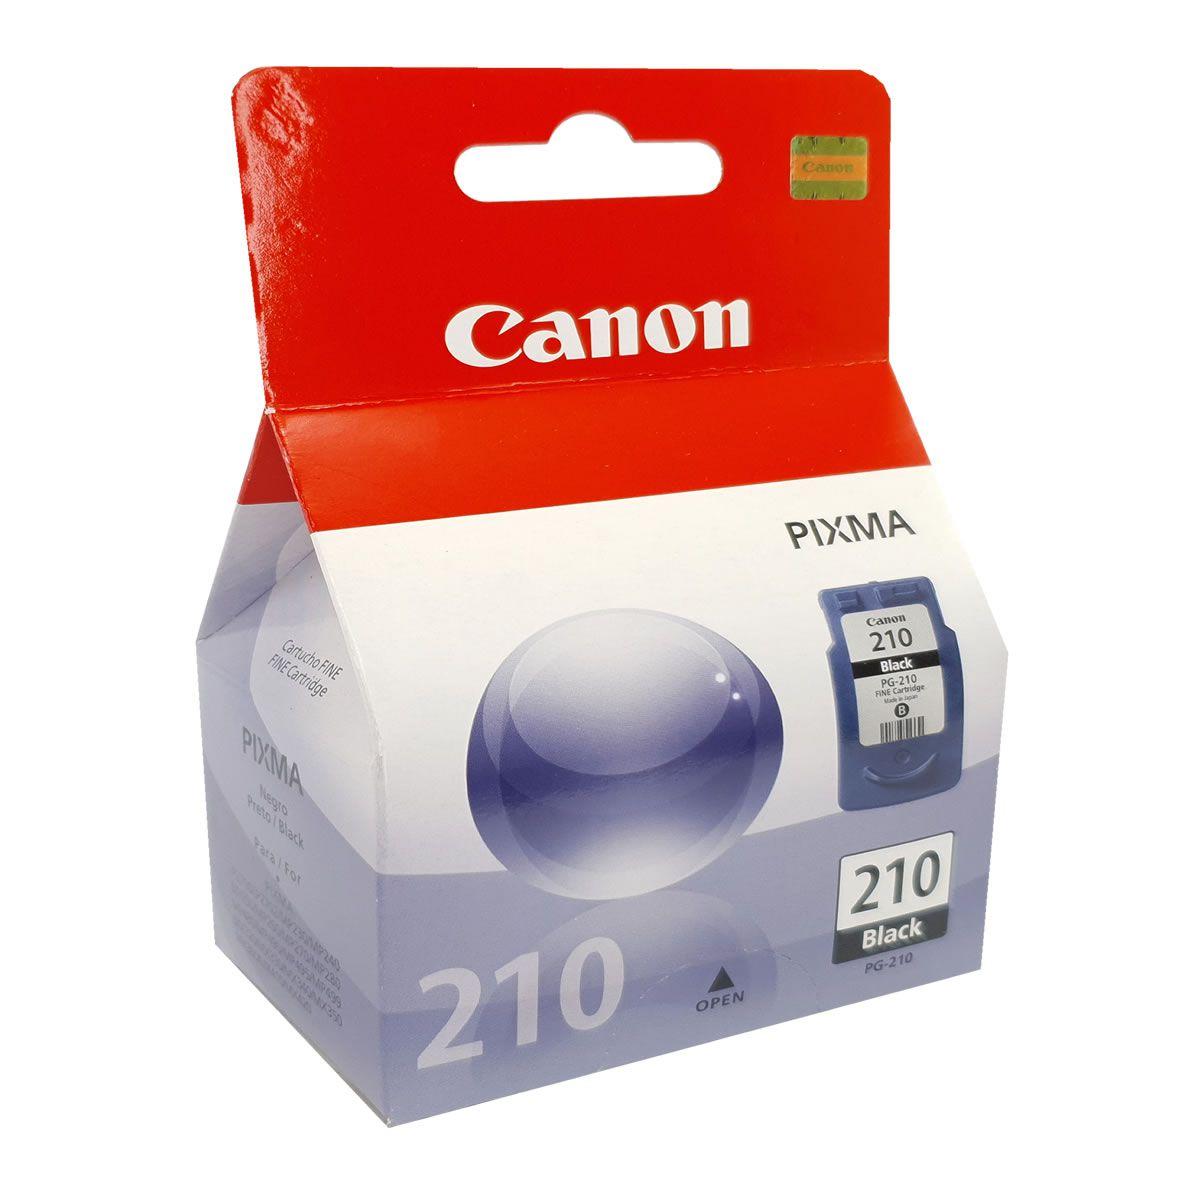 Cartucho Canon PG210 preto para MP240 MP250 MP260 MP270 MP480